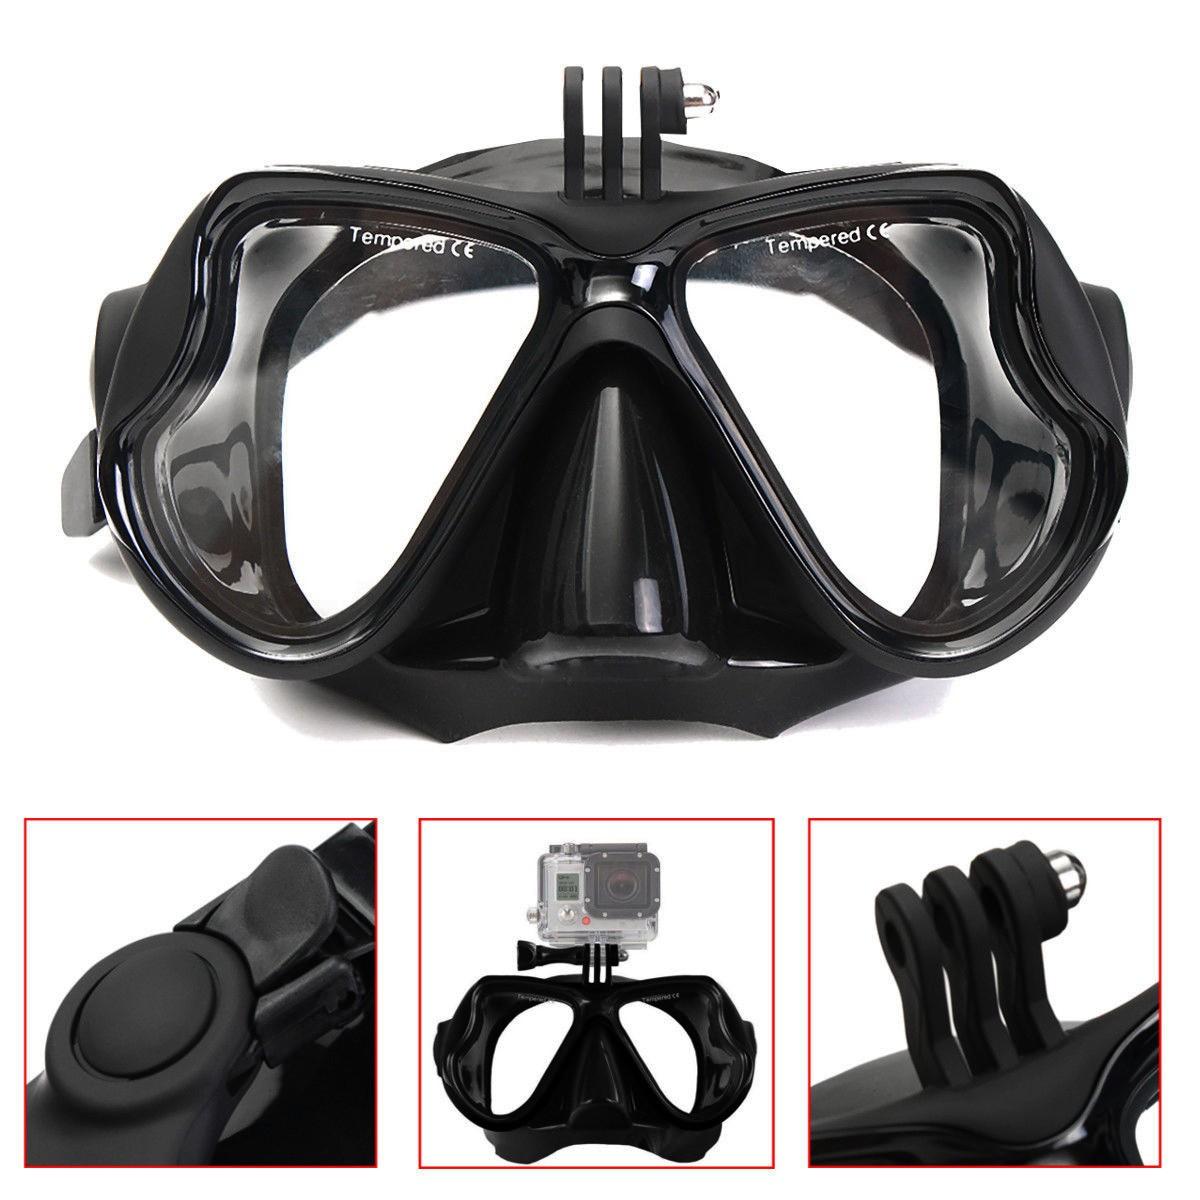 1fd145390ad64 Máscara de óculos para Mergulho Snorkel para câmera de Ação - RDL Store